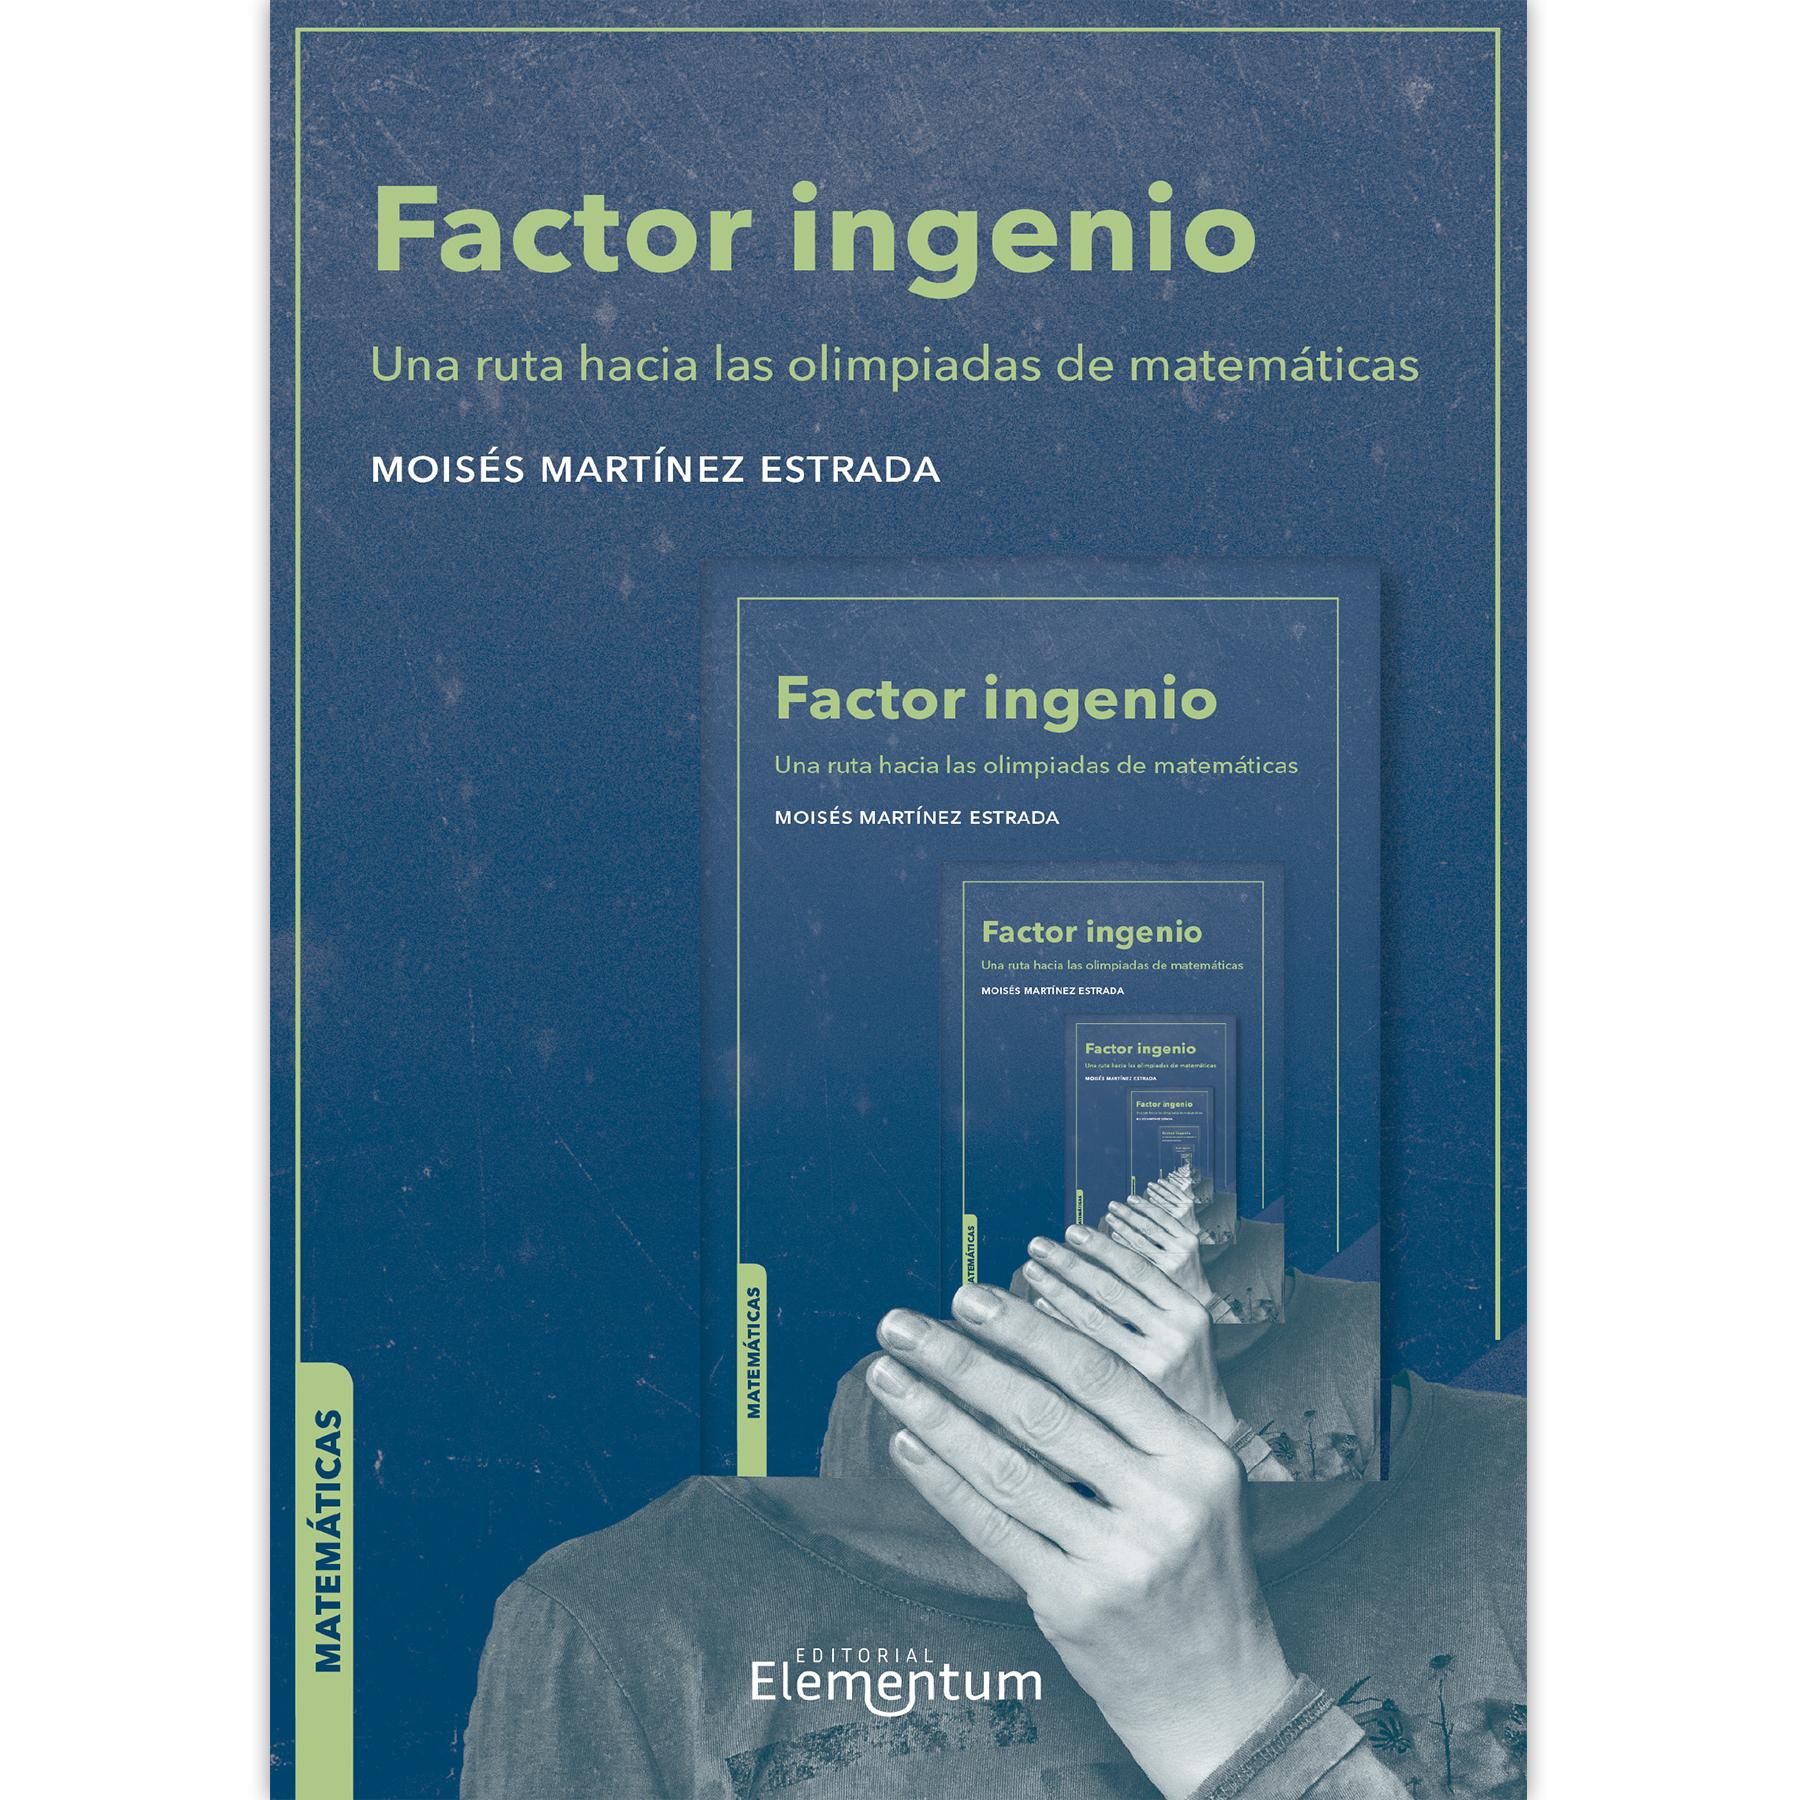 Factor ingenio